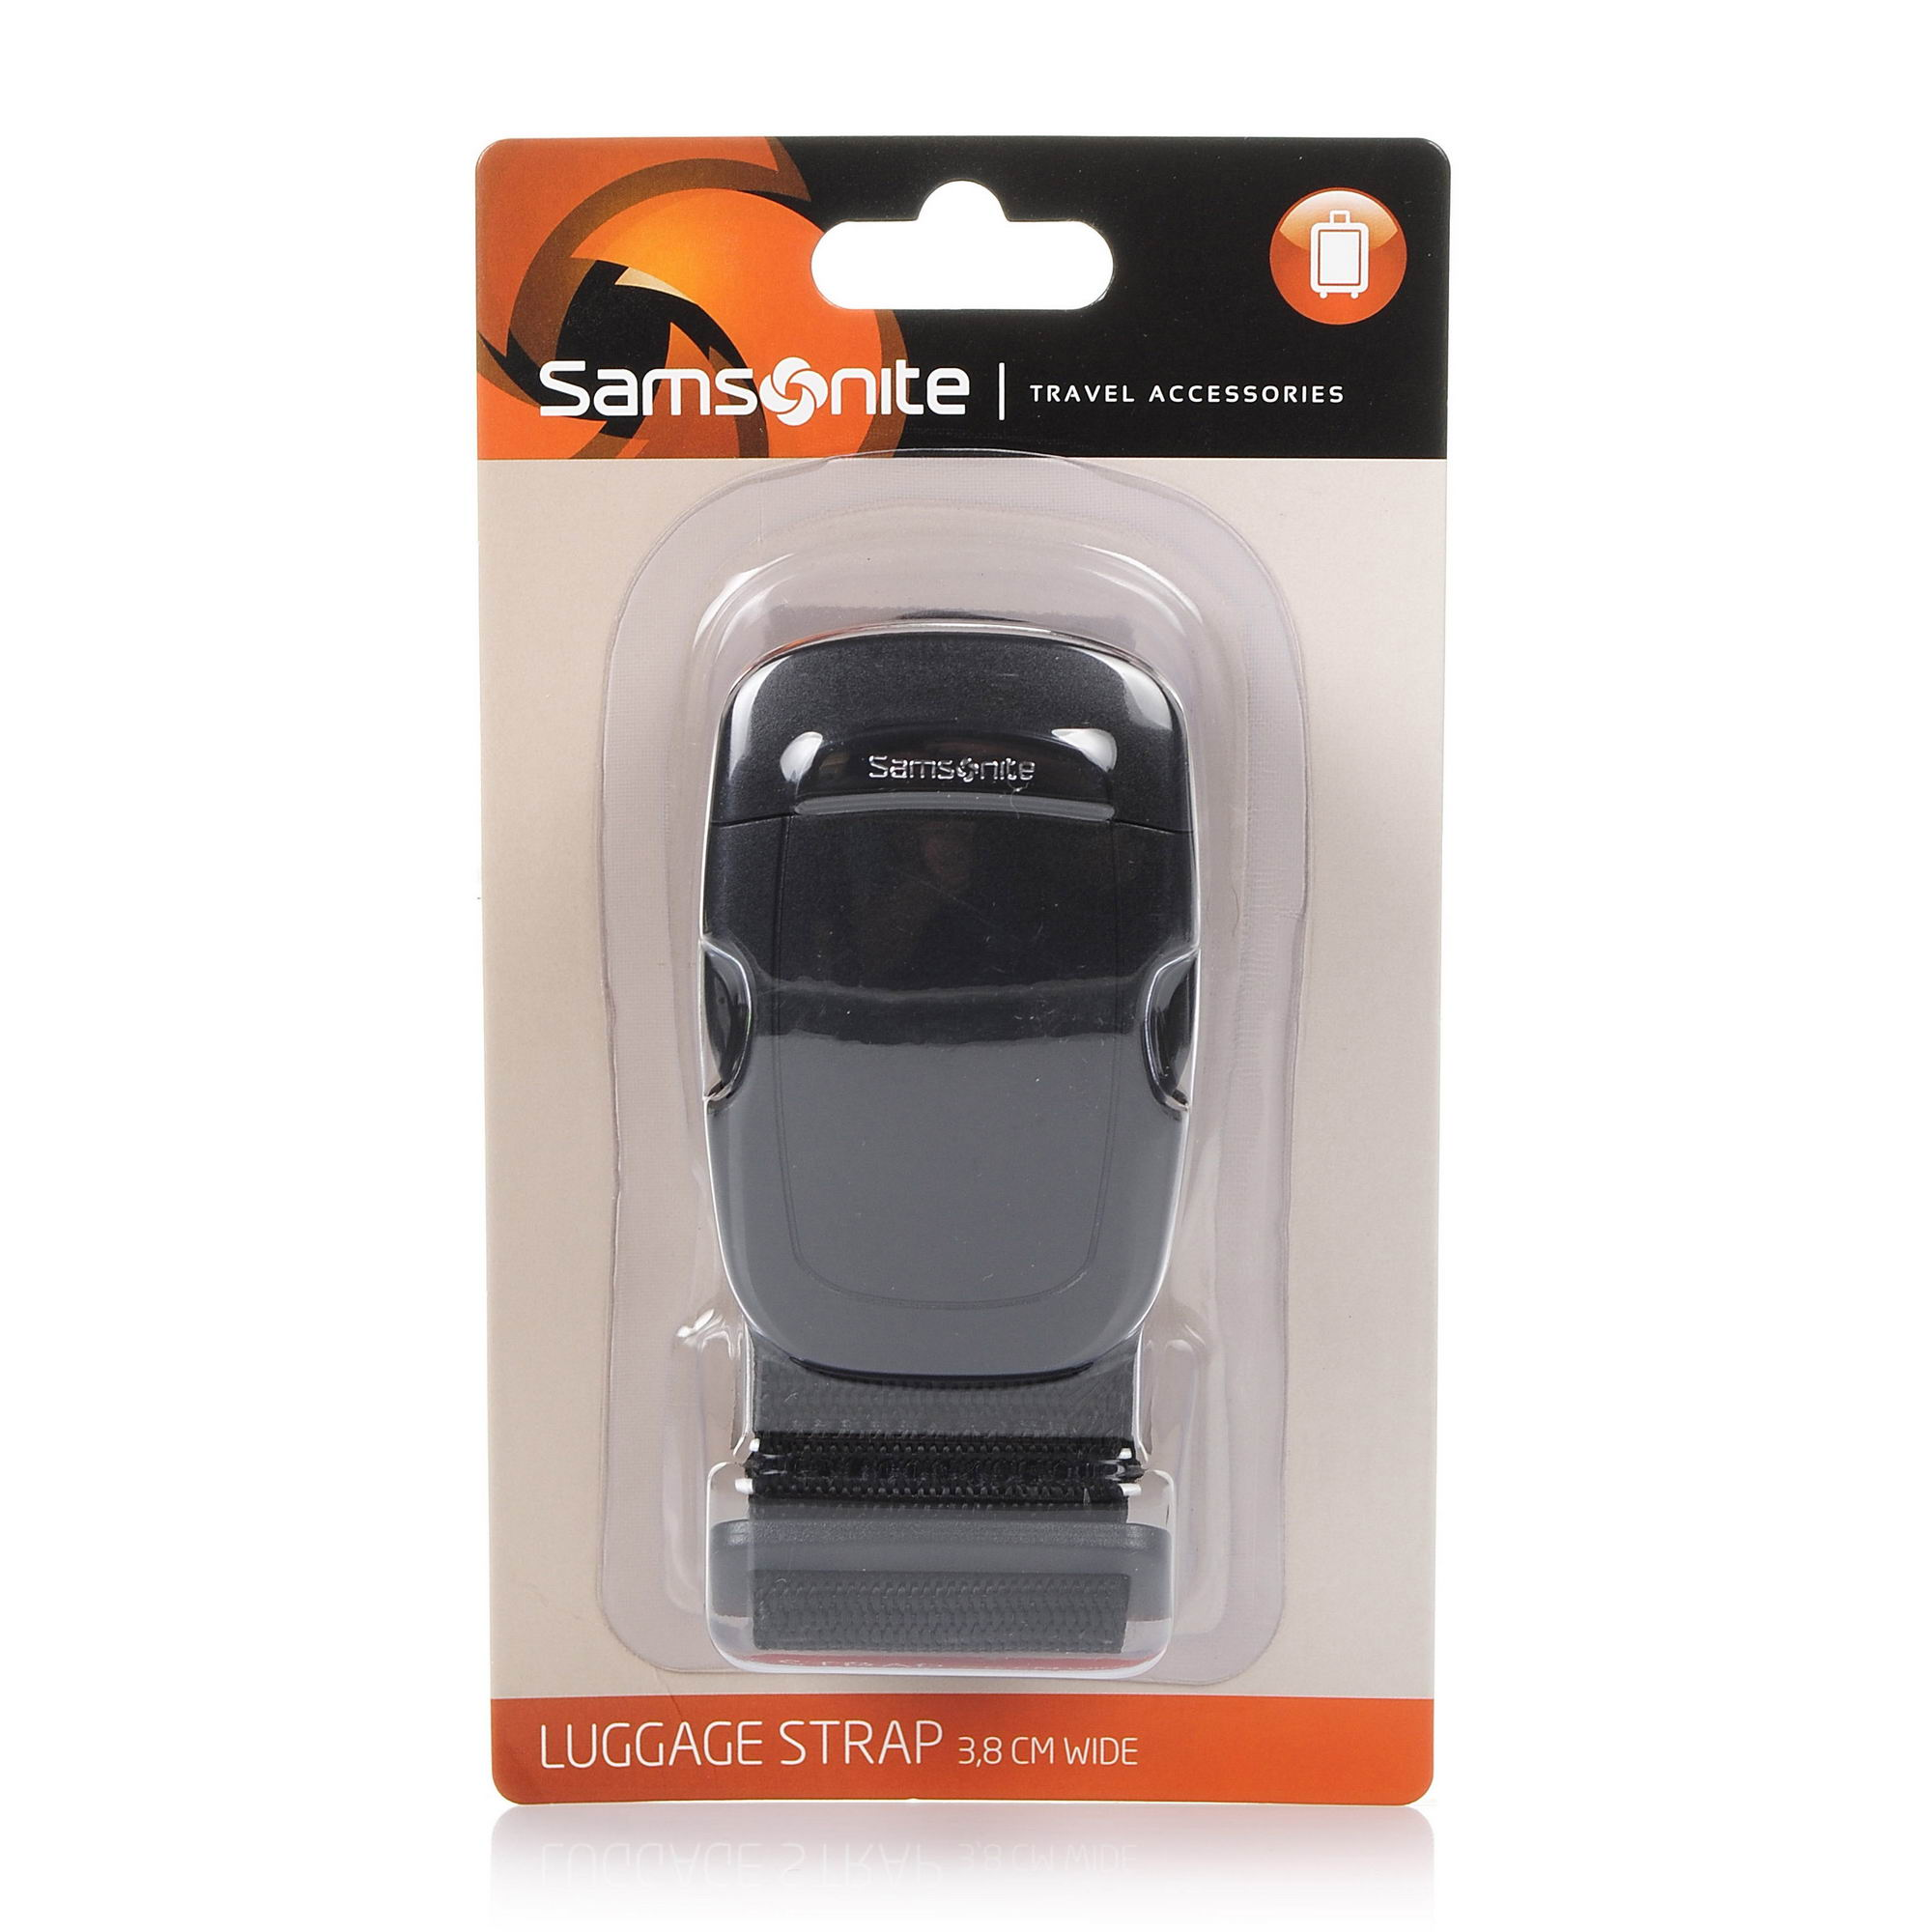 Ιμάντας Αποσκευών Samsonite Travel Accessories Luggage Strap 3,8 cm Wide 2 61609 αξεσουαρ   αξεσουάρ ταξιδίου